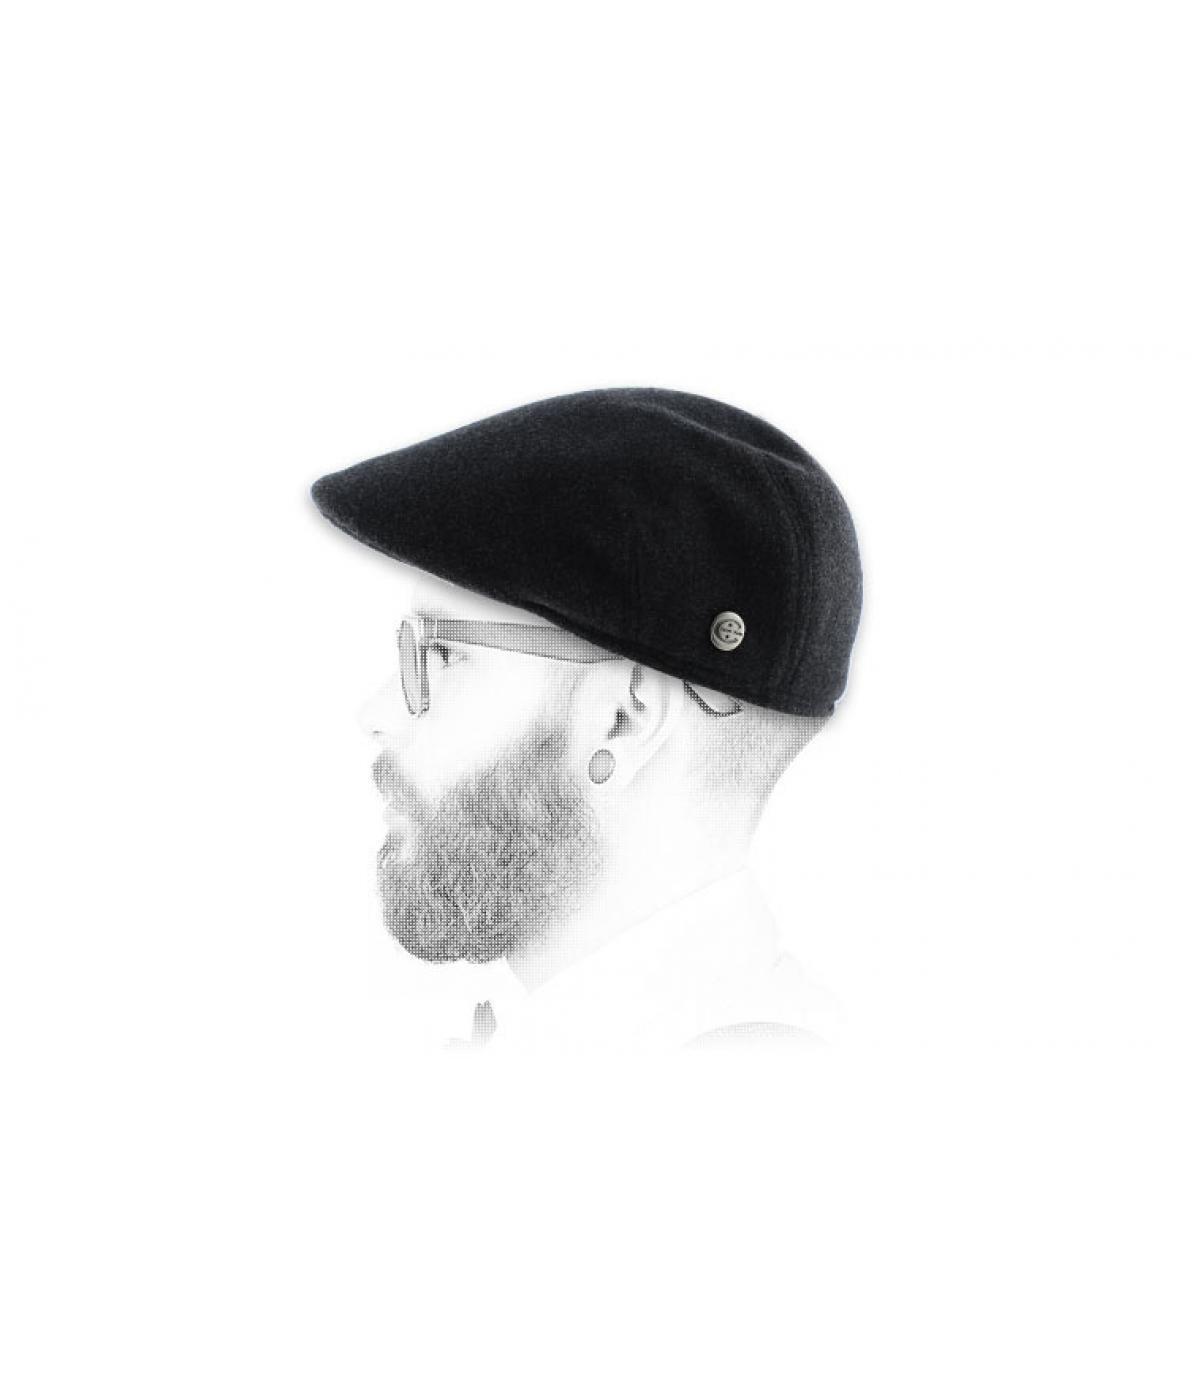 Grey flat cap earflap